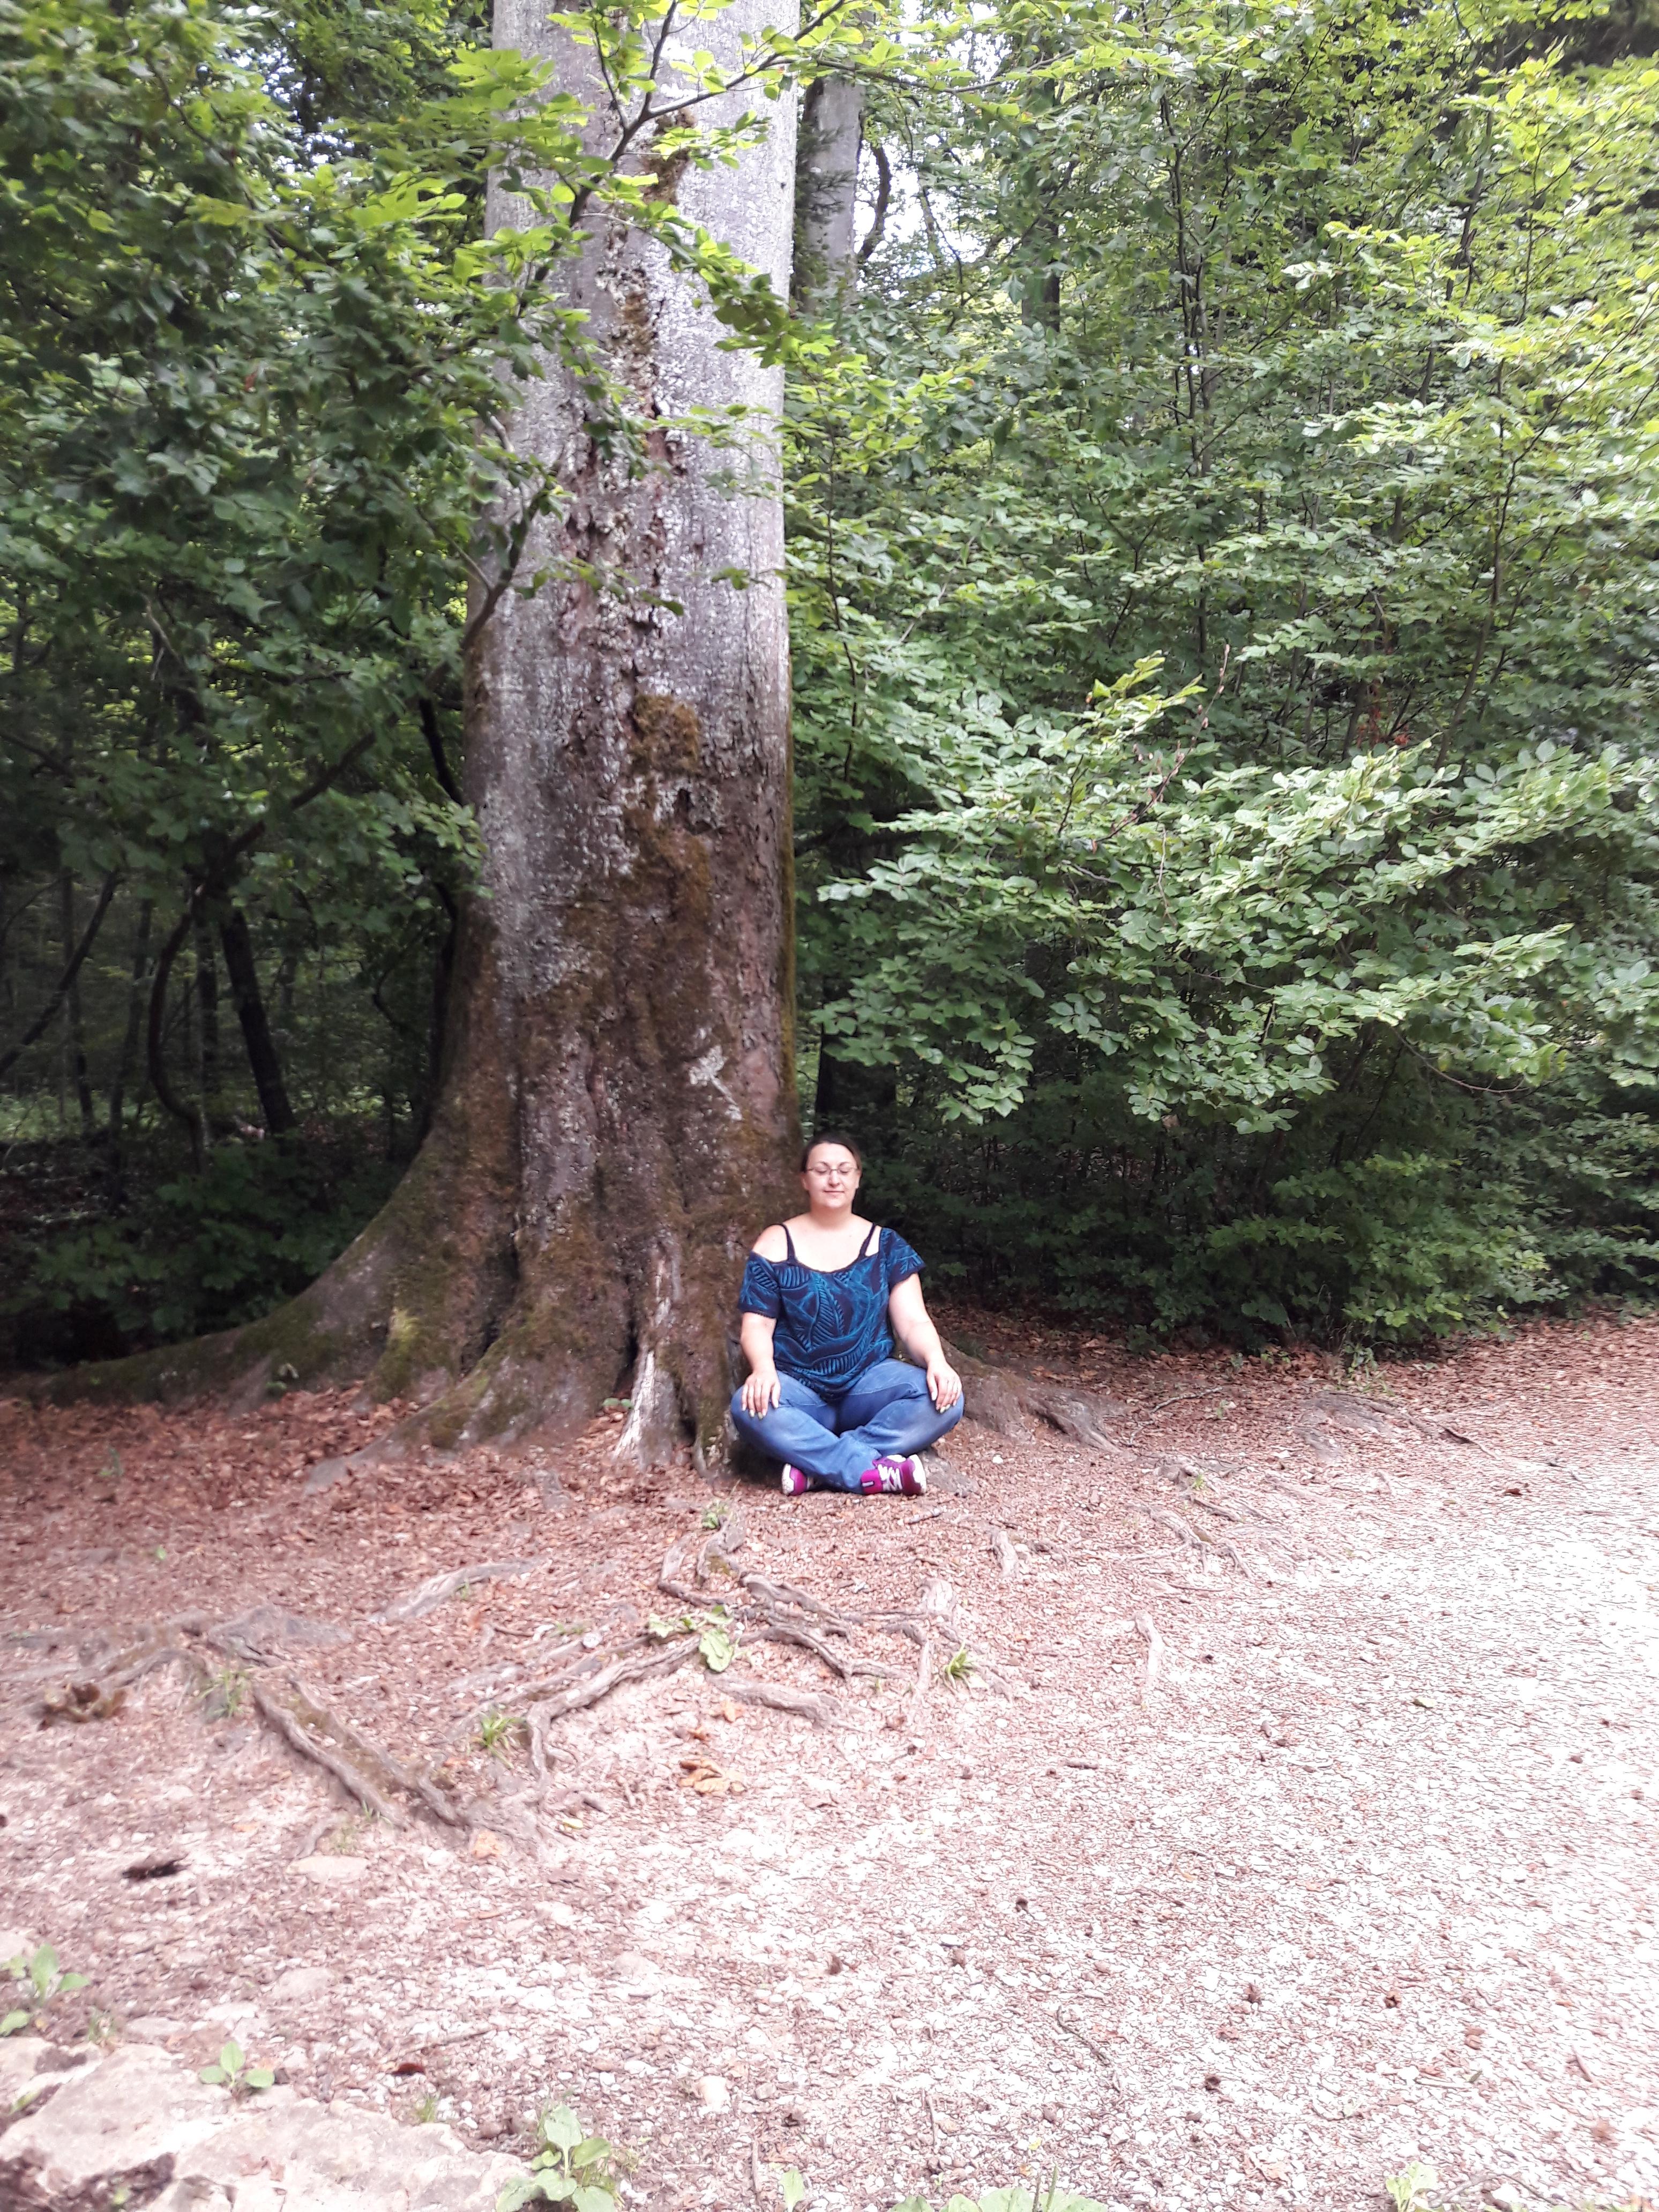 méditation auprès d'un arbre maître